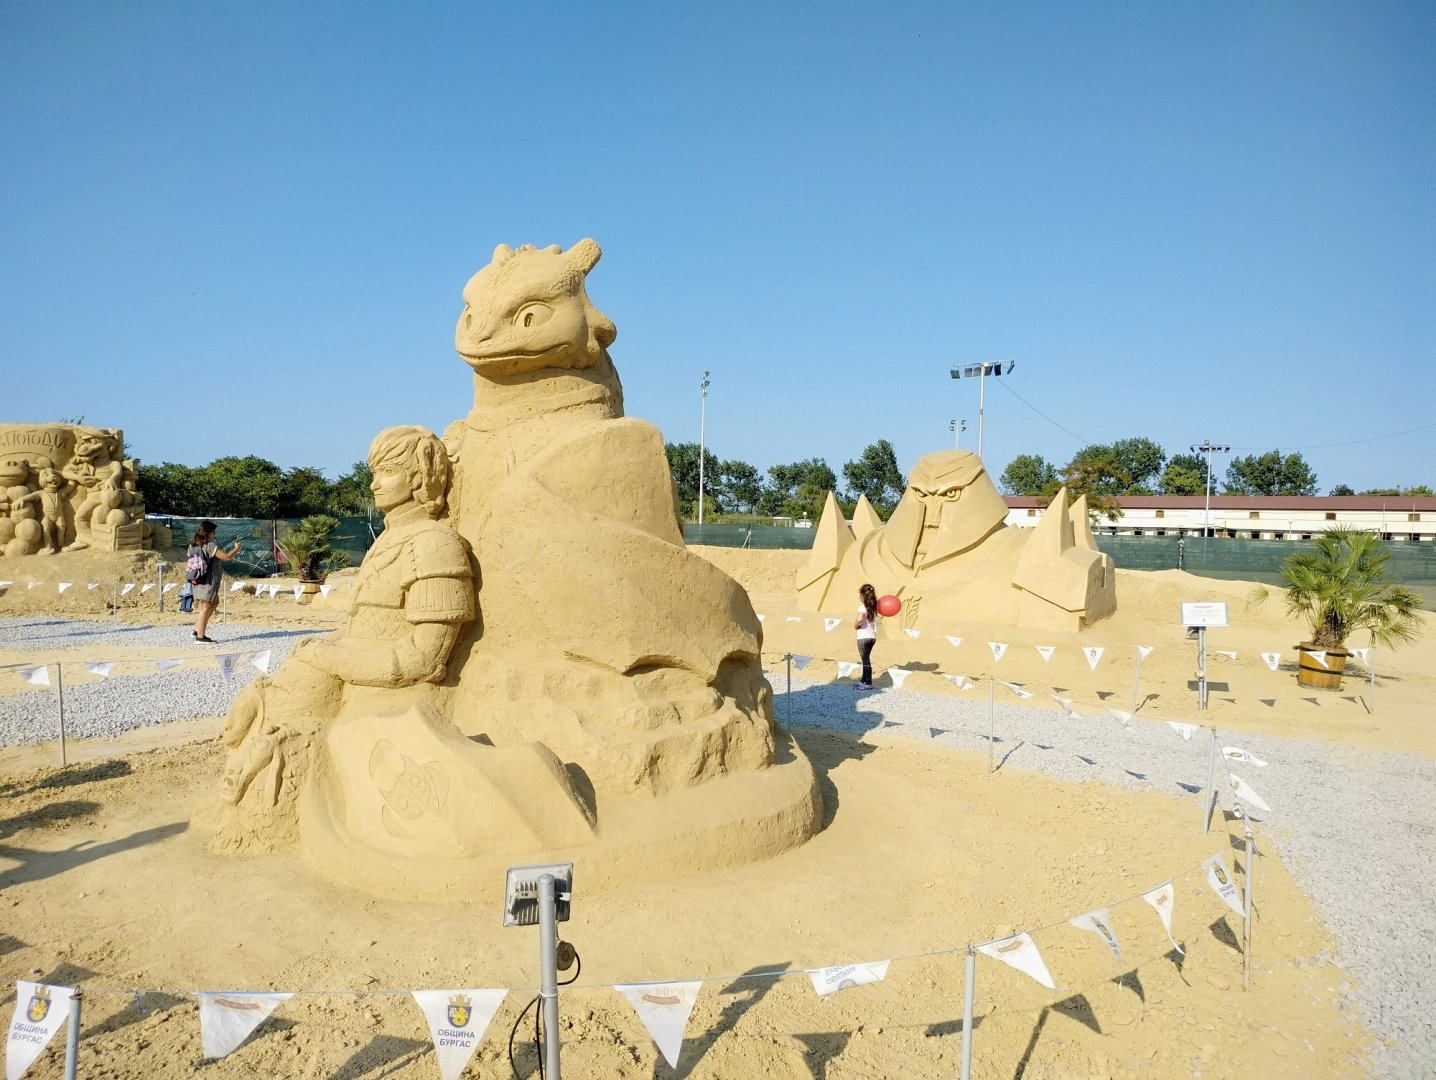 12 са творбите от пясък на тазгодишното издание на фестивала. Снимки Община Бургас